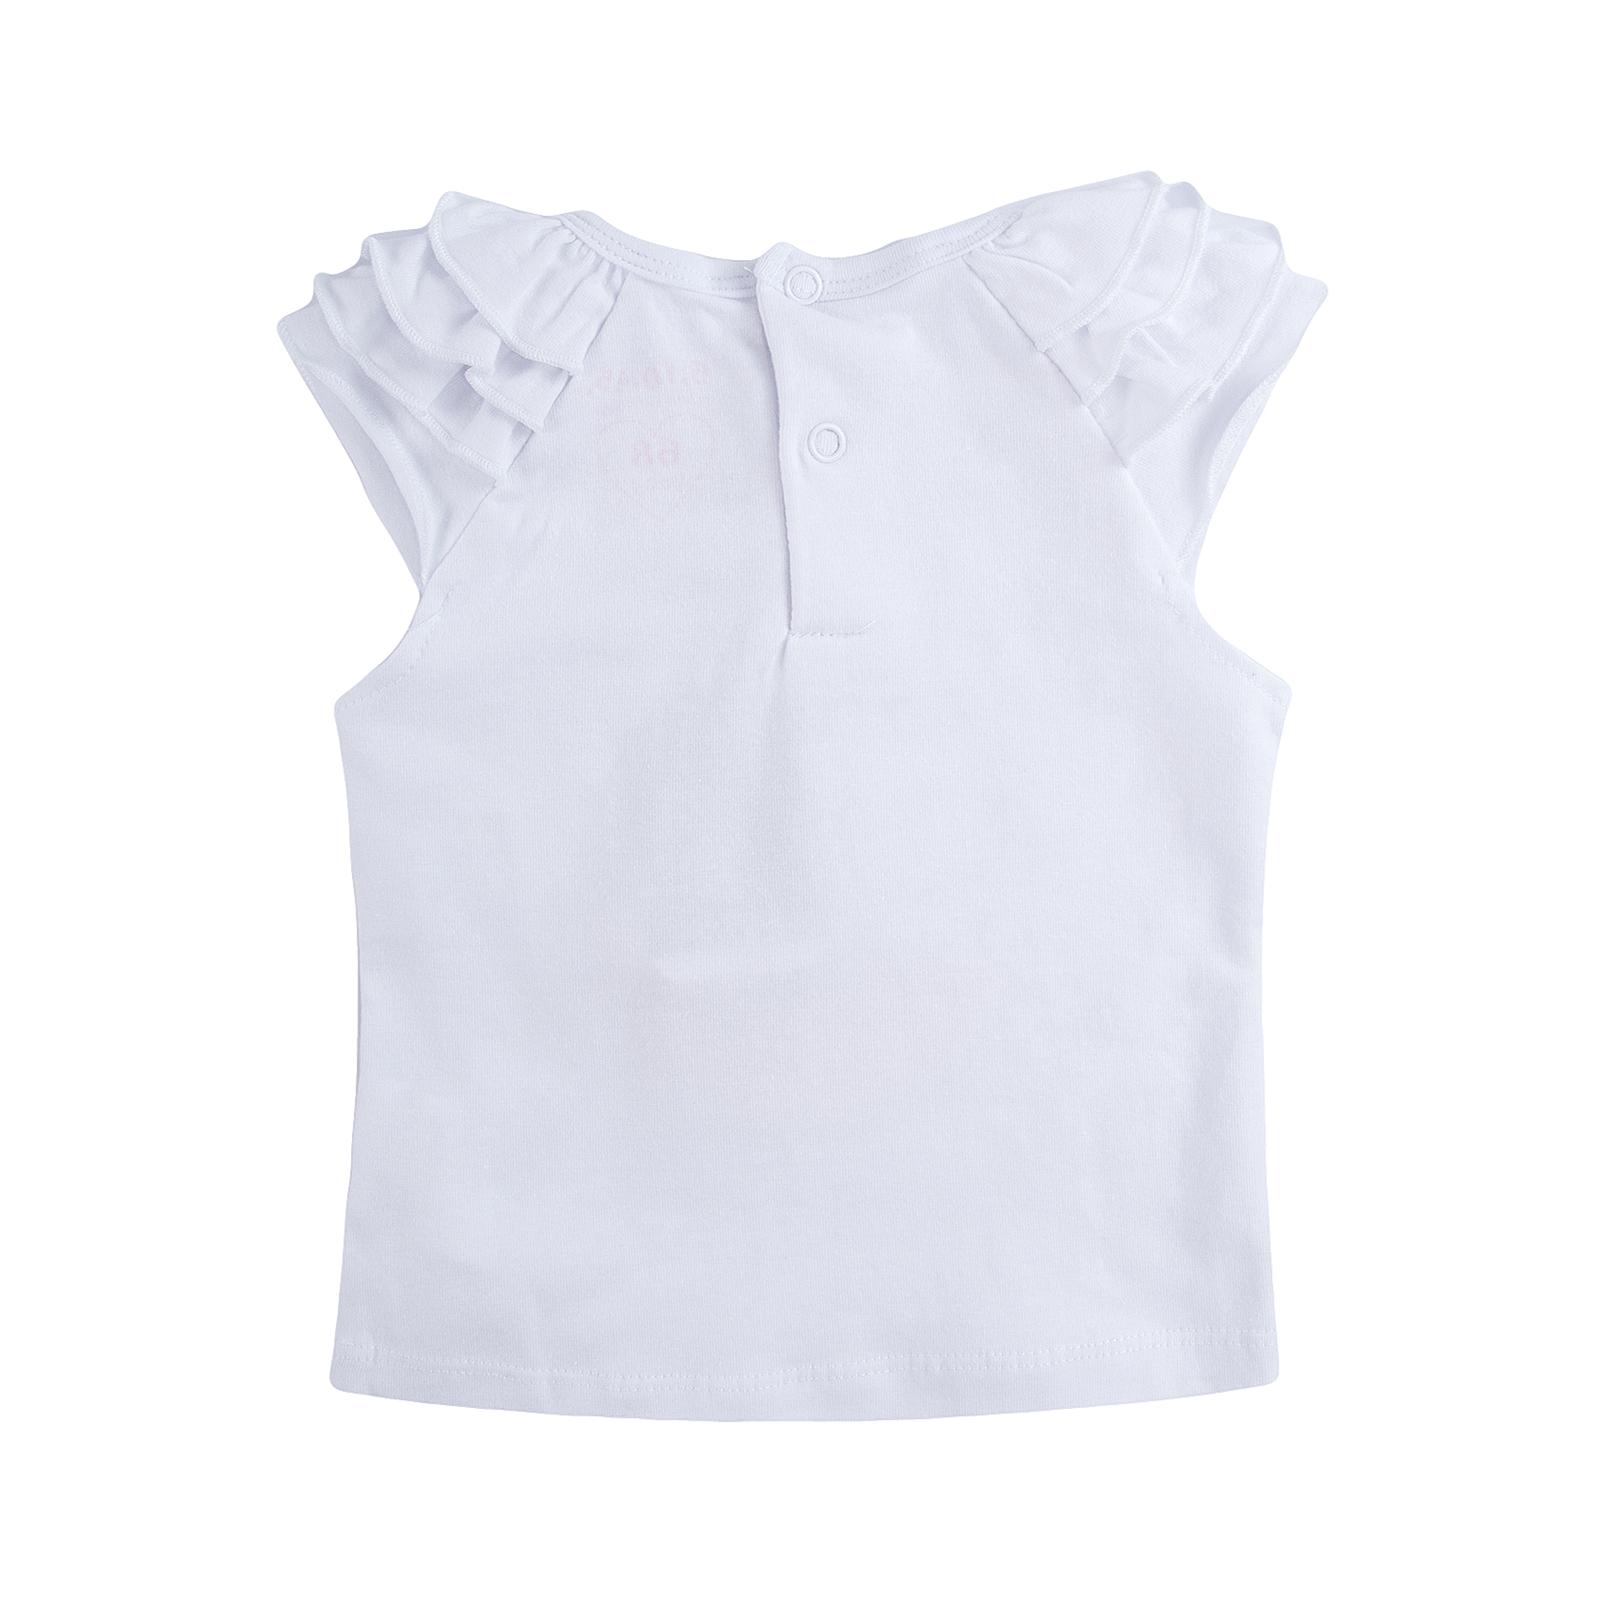 Футболка с коротким рукавом для девочек 5.10.15. цвет белый, с принтом, на шее заклепка 12 мес.